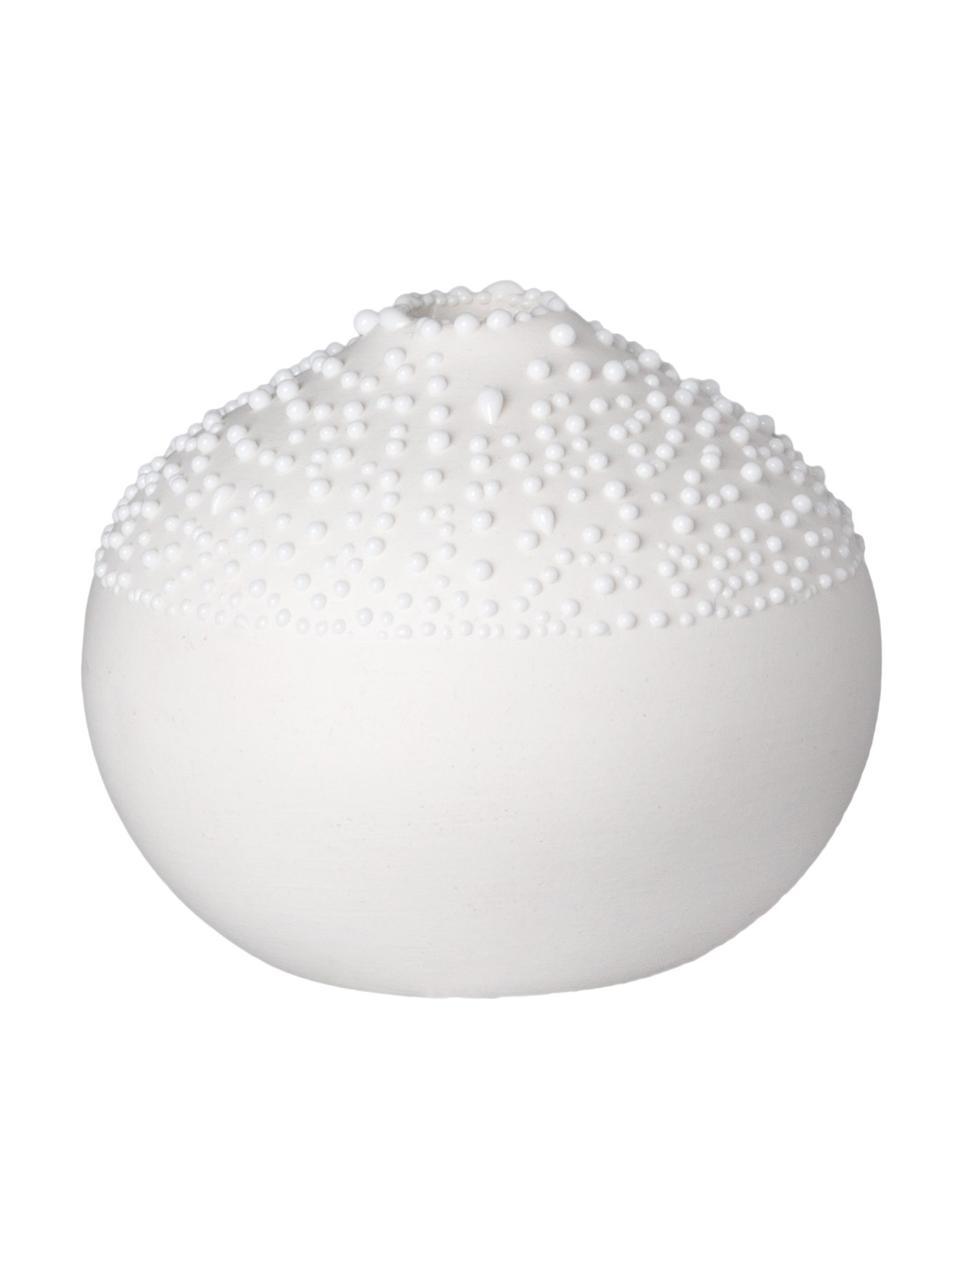 Wazon XS z porcelany Design, Porcelana, Biały, Ø 5 x W 6 cm